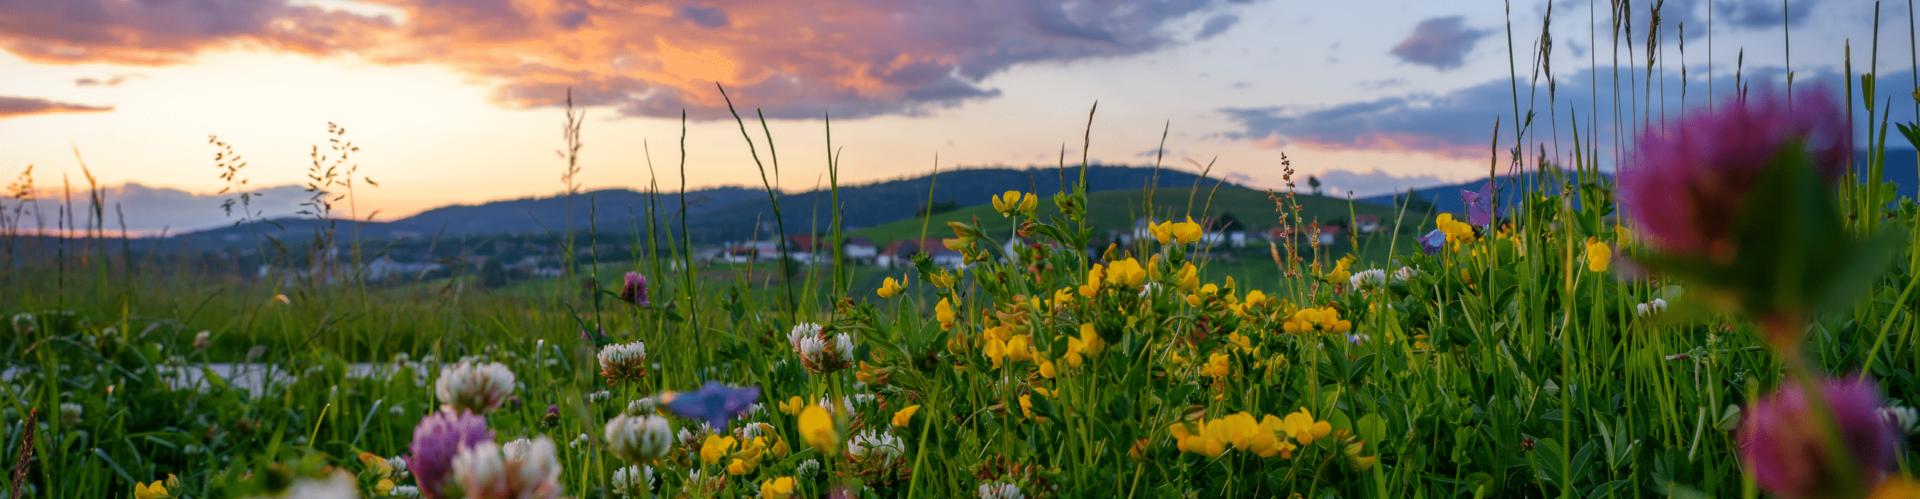 Sonnenuntergang bei Hautzenberg